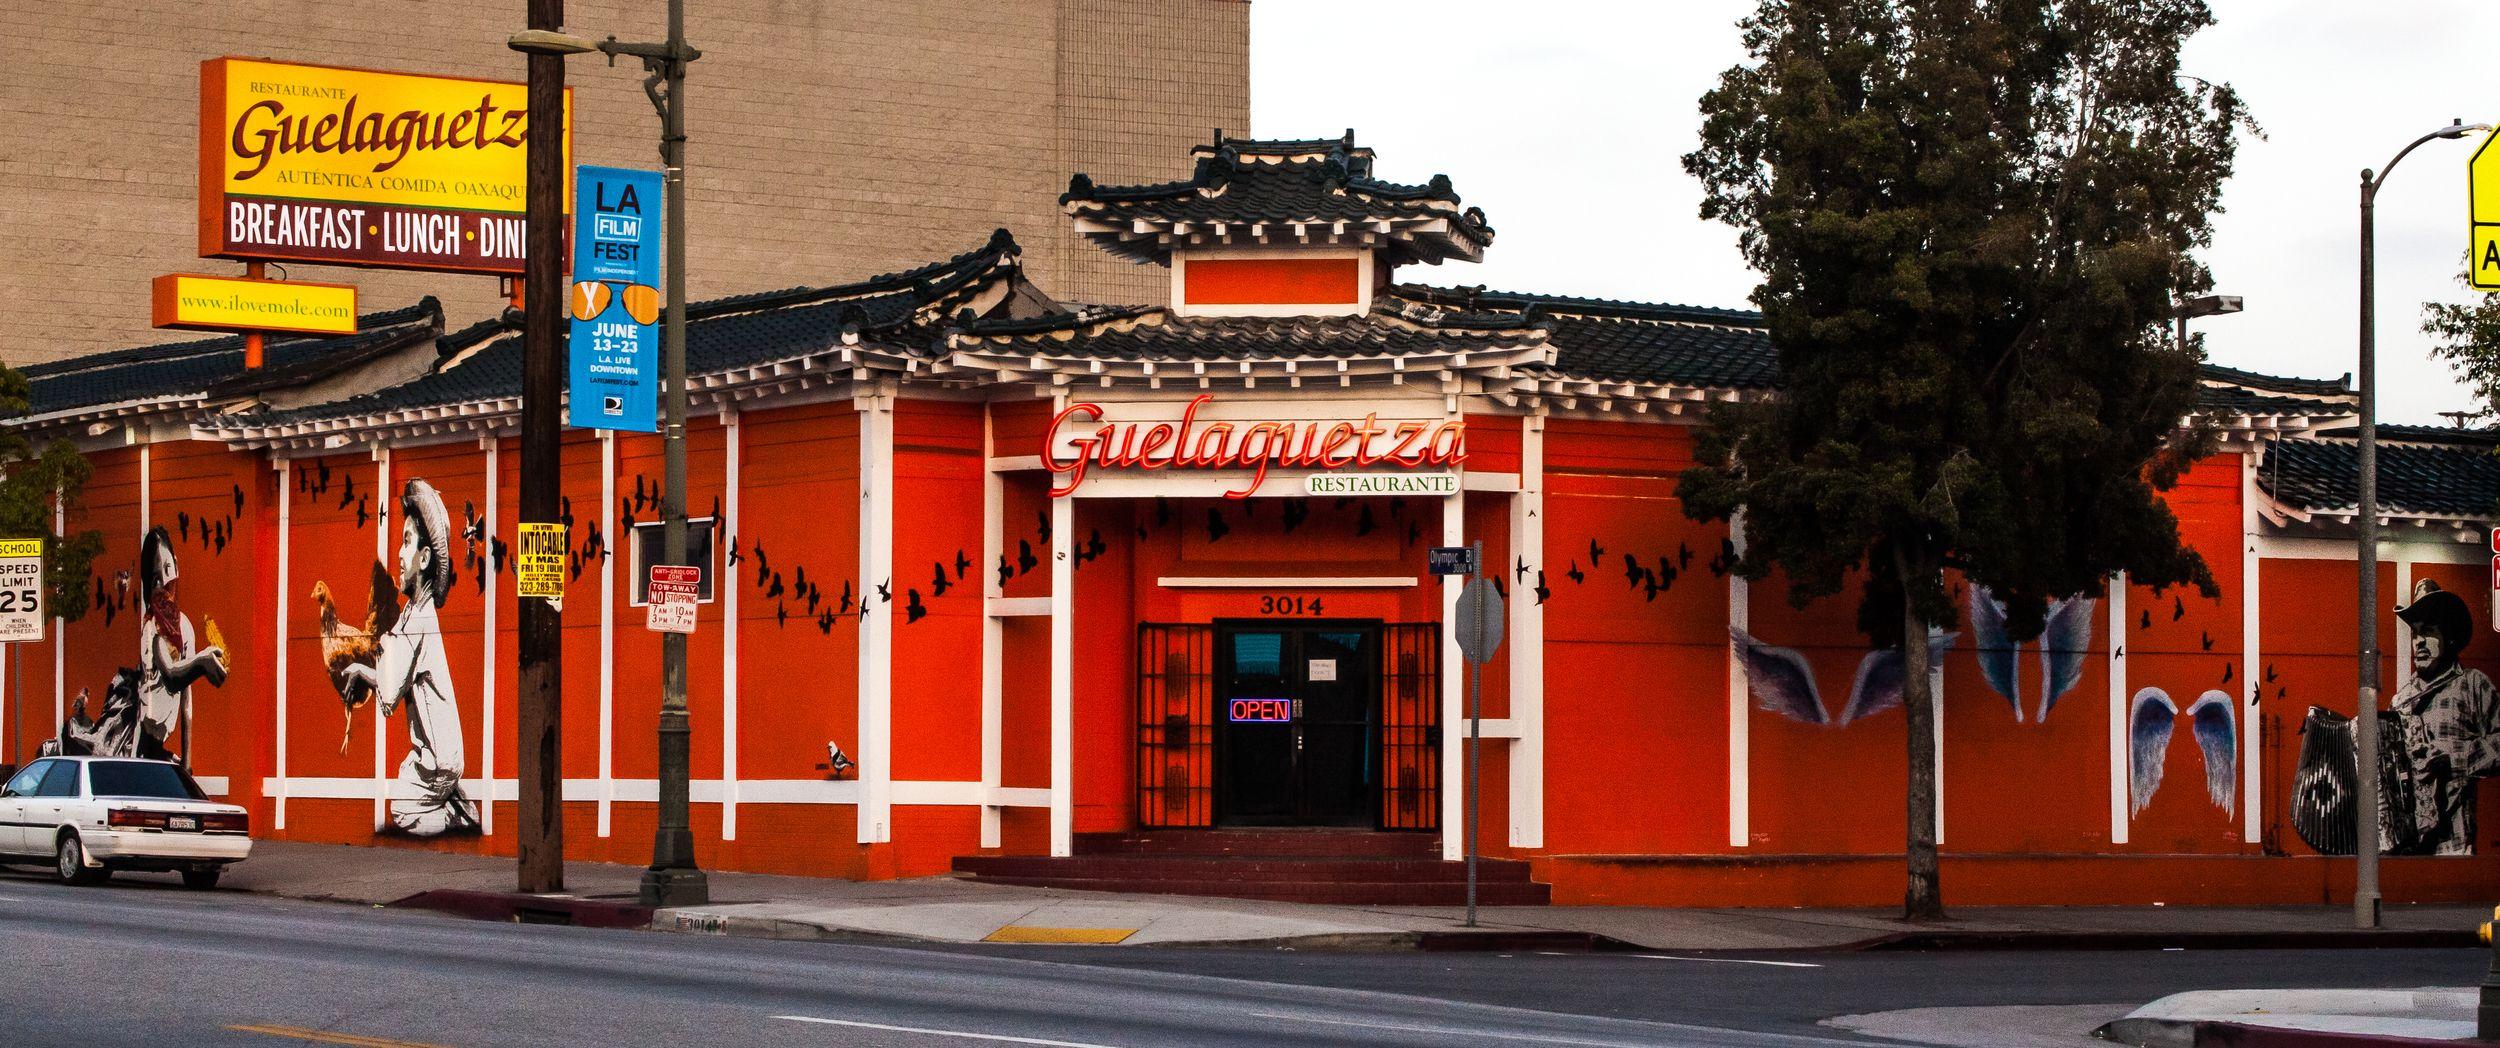 Guelaguetza restaurant los angeles ca koreatown